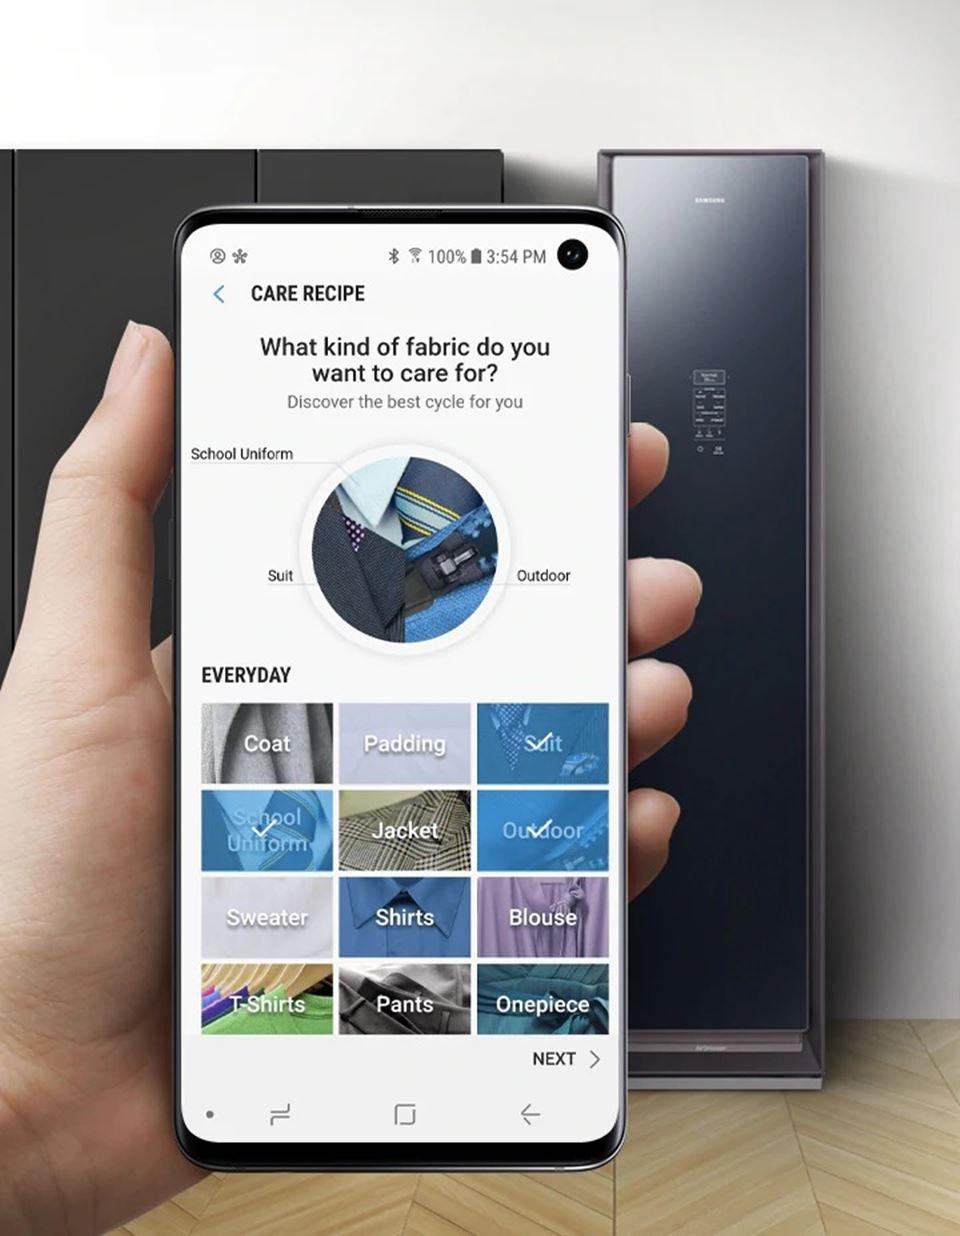 Samsung UK/Reprodução